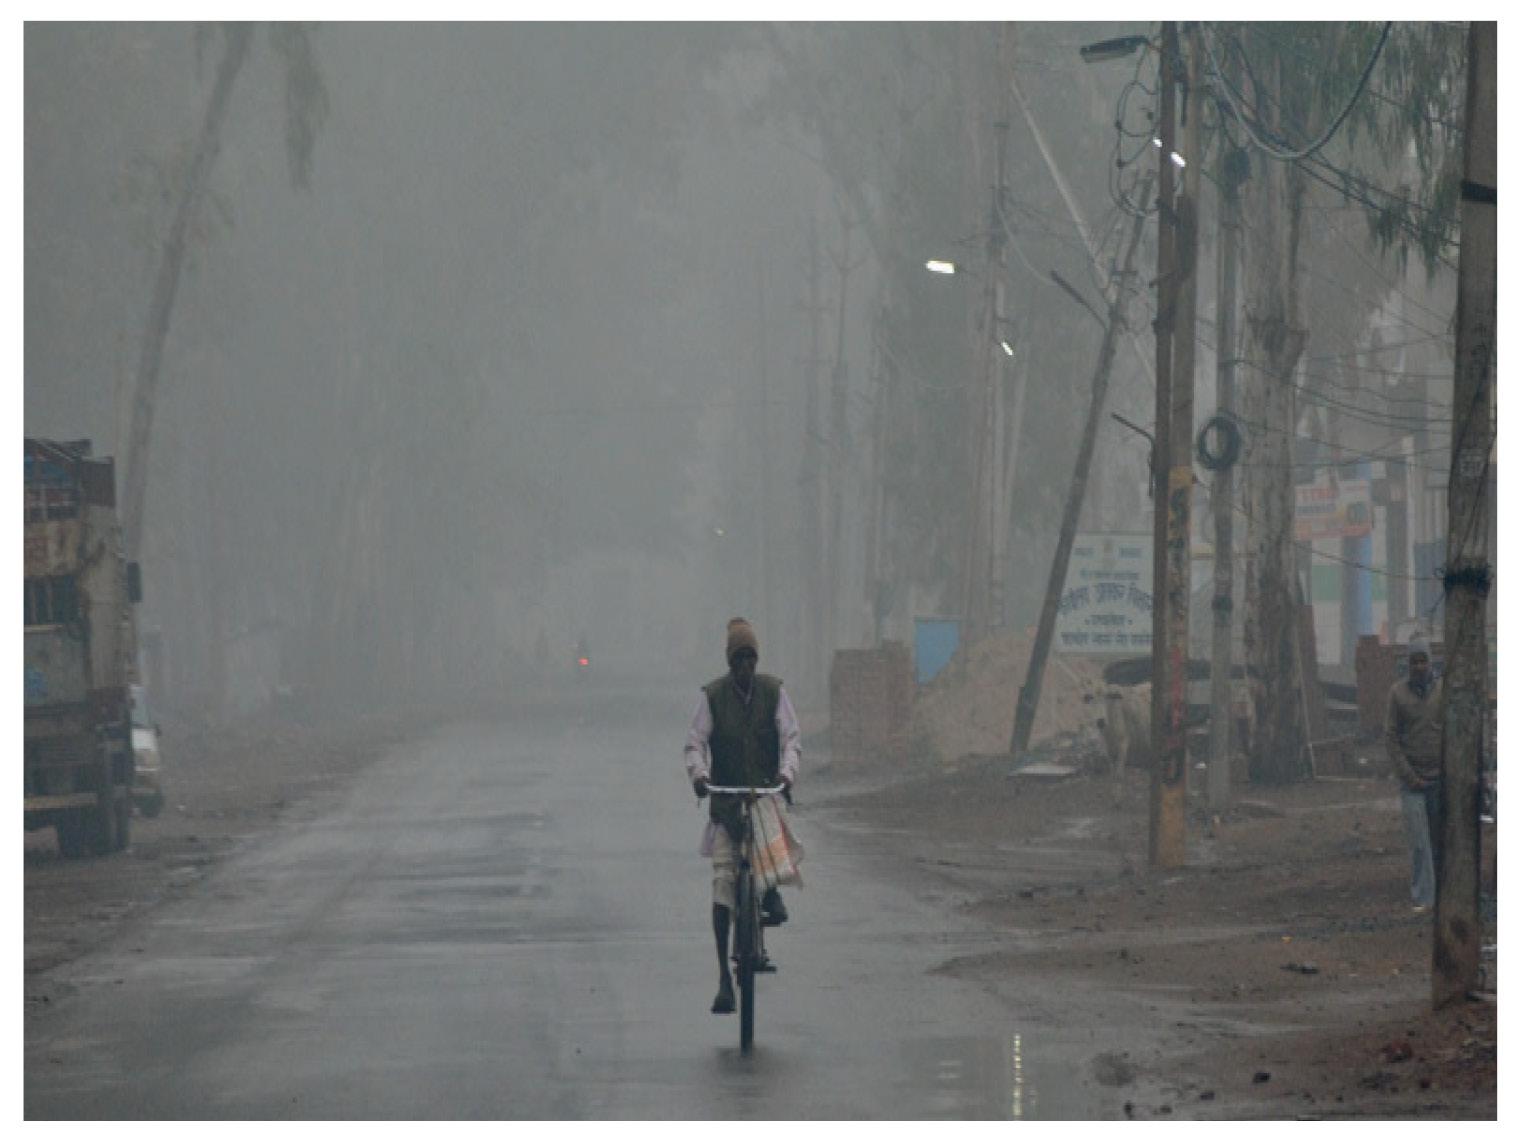 फोटो मध्यप्रदेश के रायसेन की है। एक तरफ बारिश ने भिगाया, तो सुबह कोहरा भी छाया।